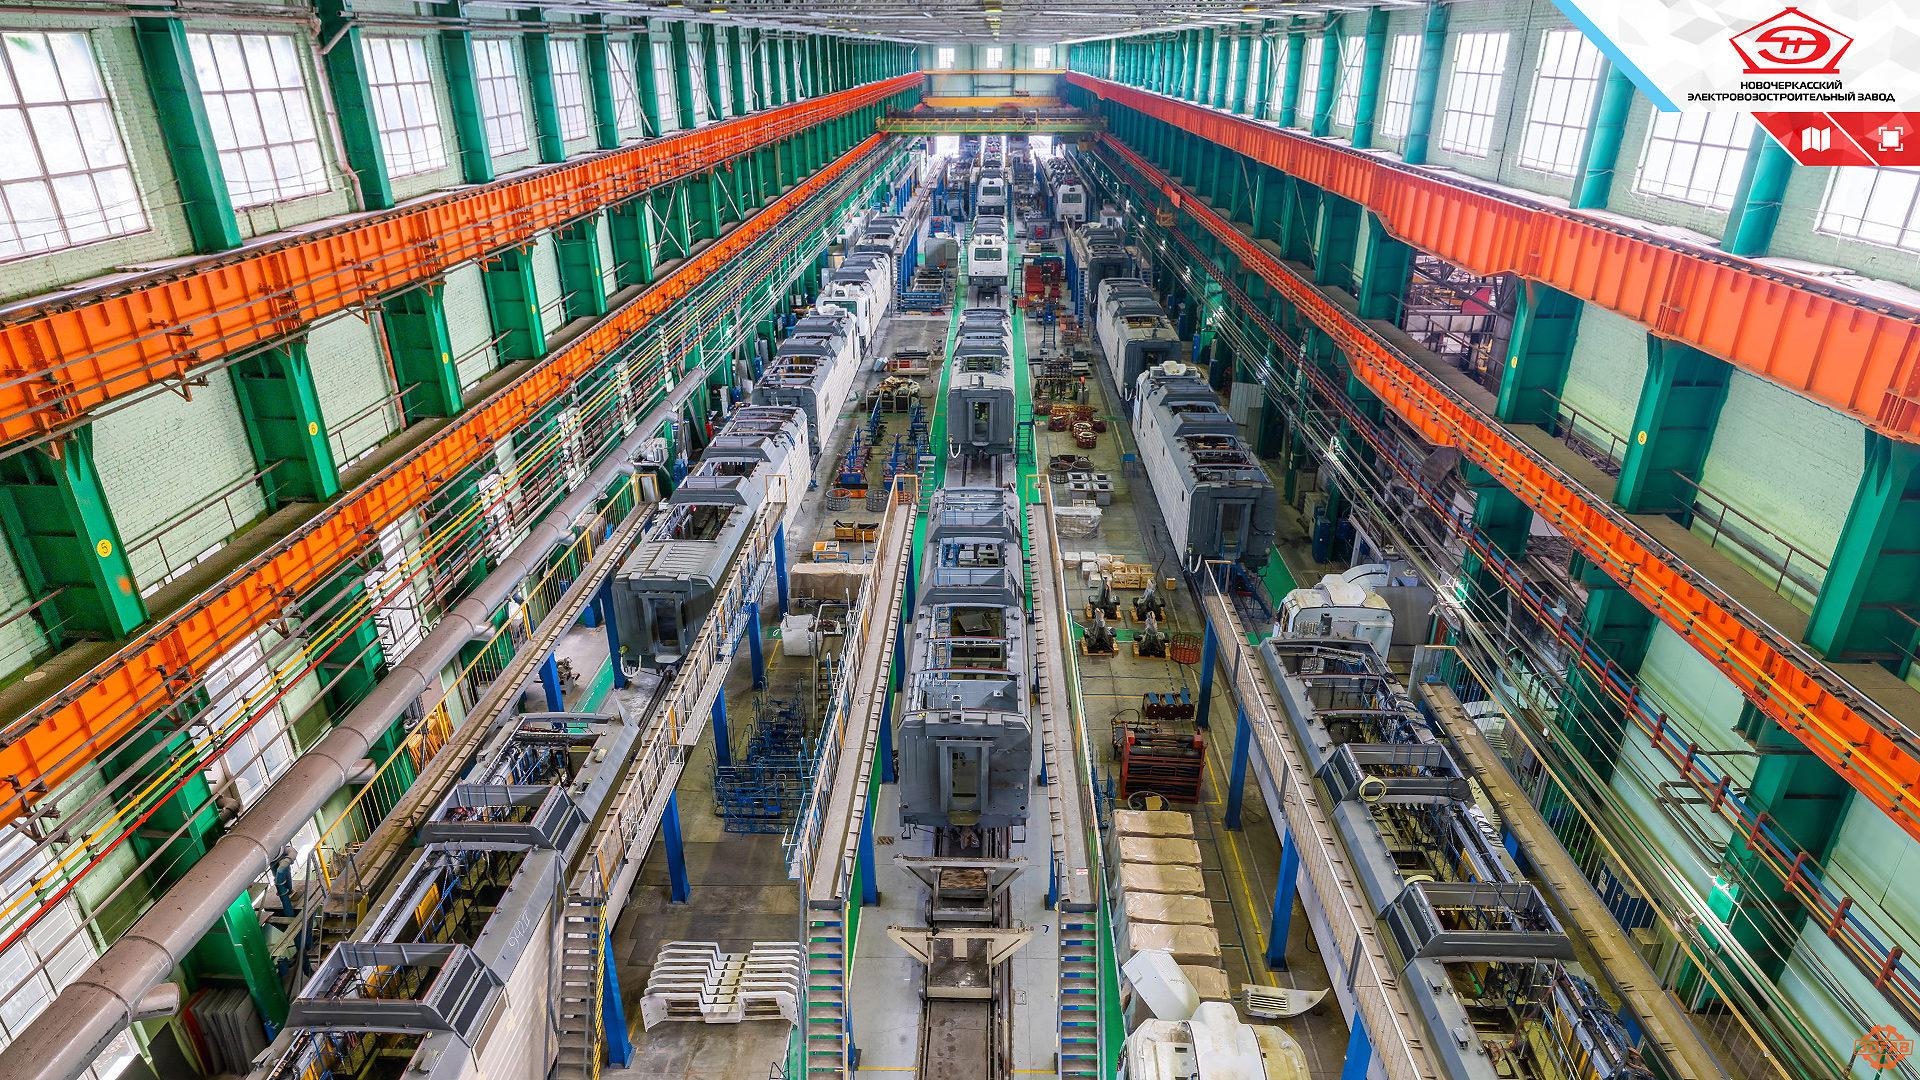 nevz title 02a 1920x1080 Виртуальная экскурсия по Новочеркасскому электровозостроительному заводу